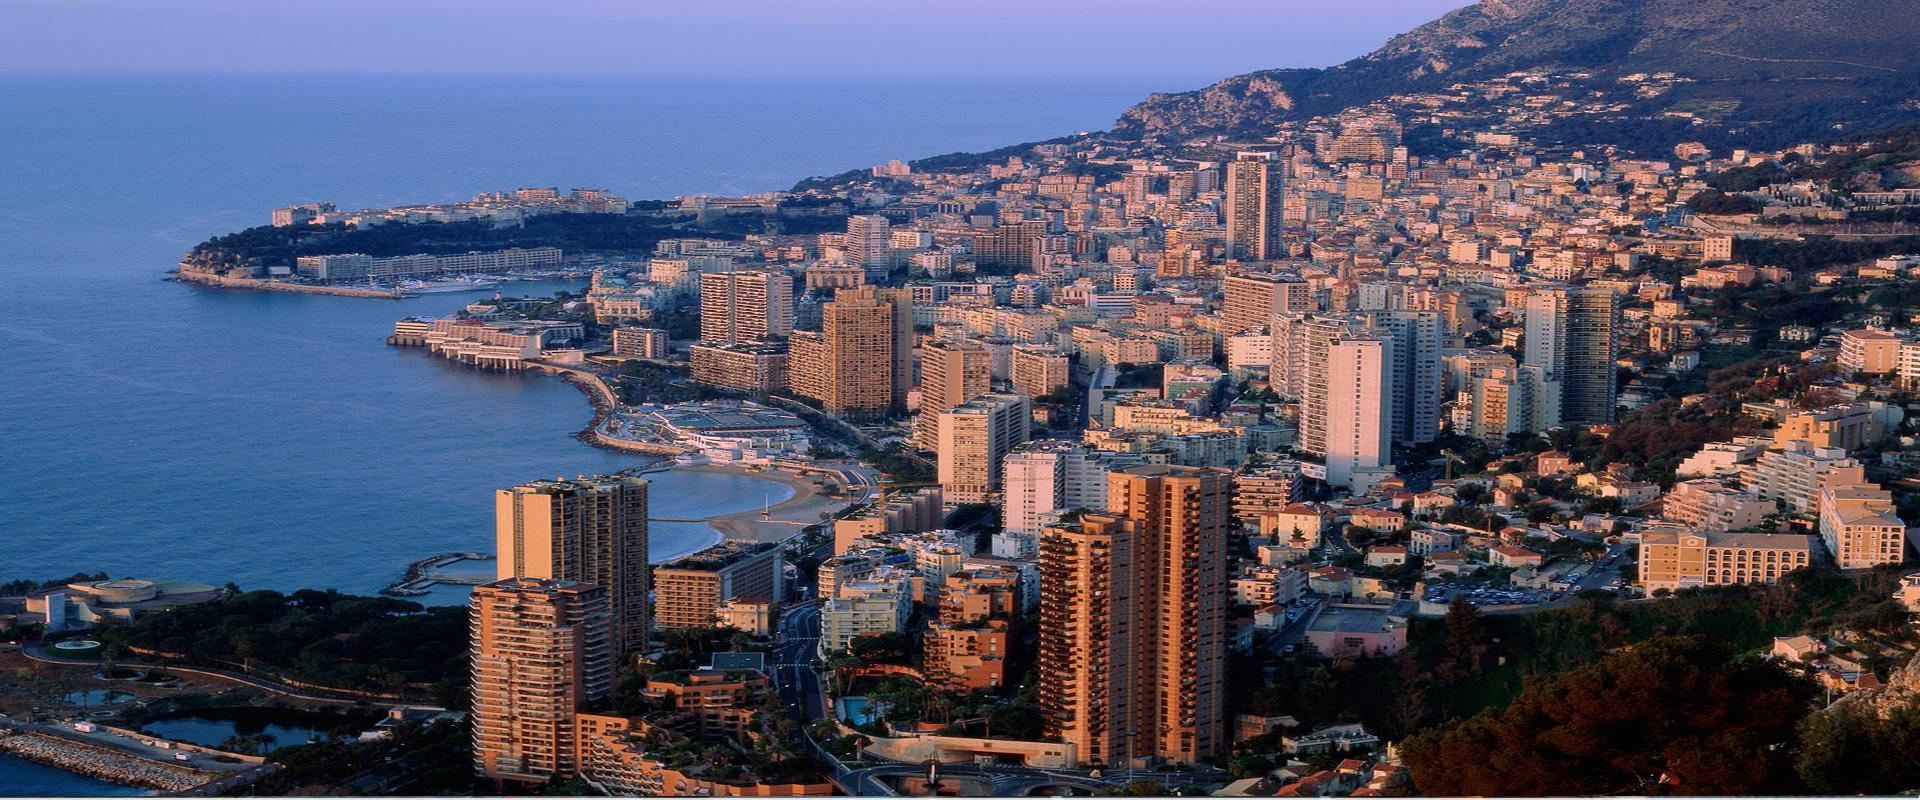 RE.CO.BAT Monaco Impresa Generale del Principato di Monaco